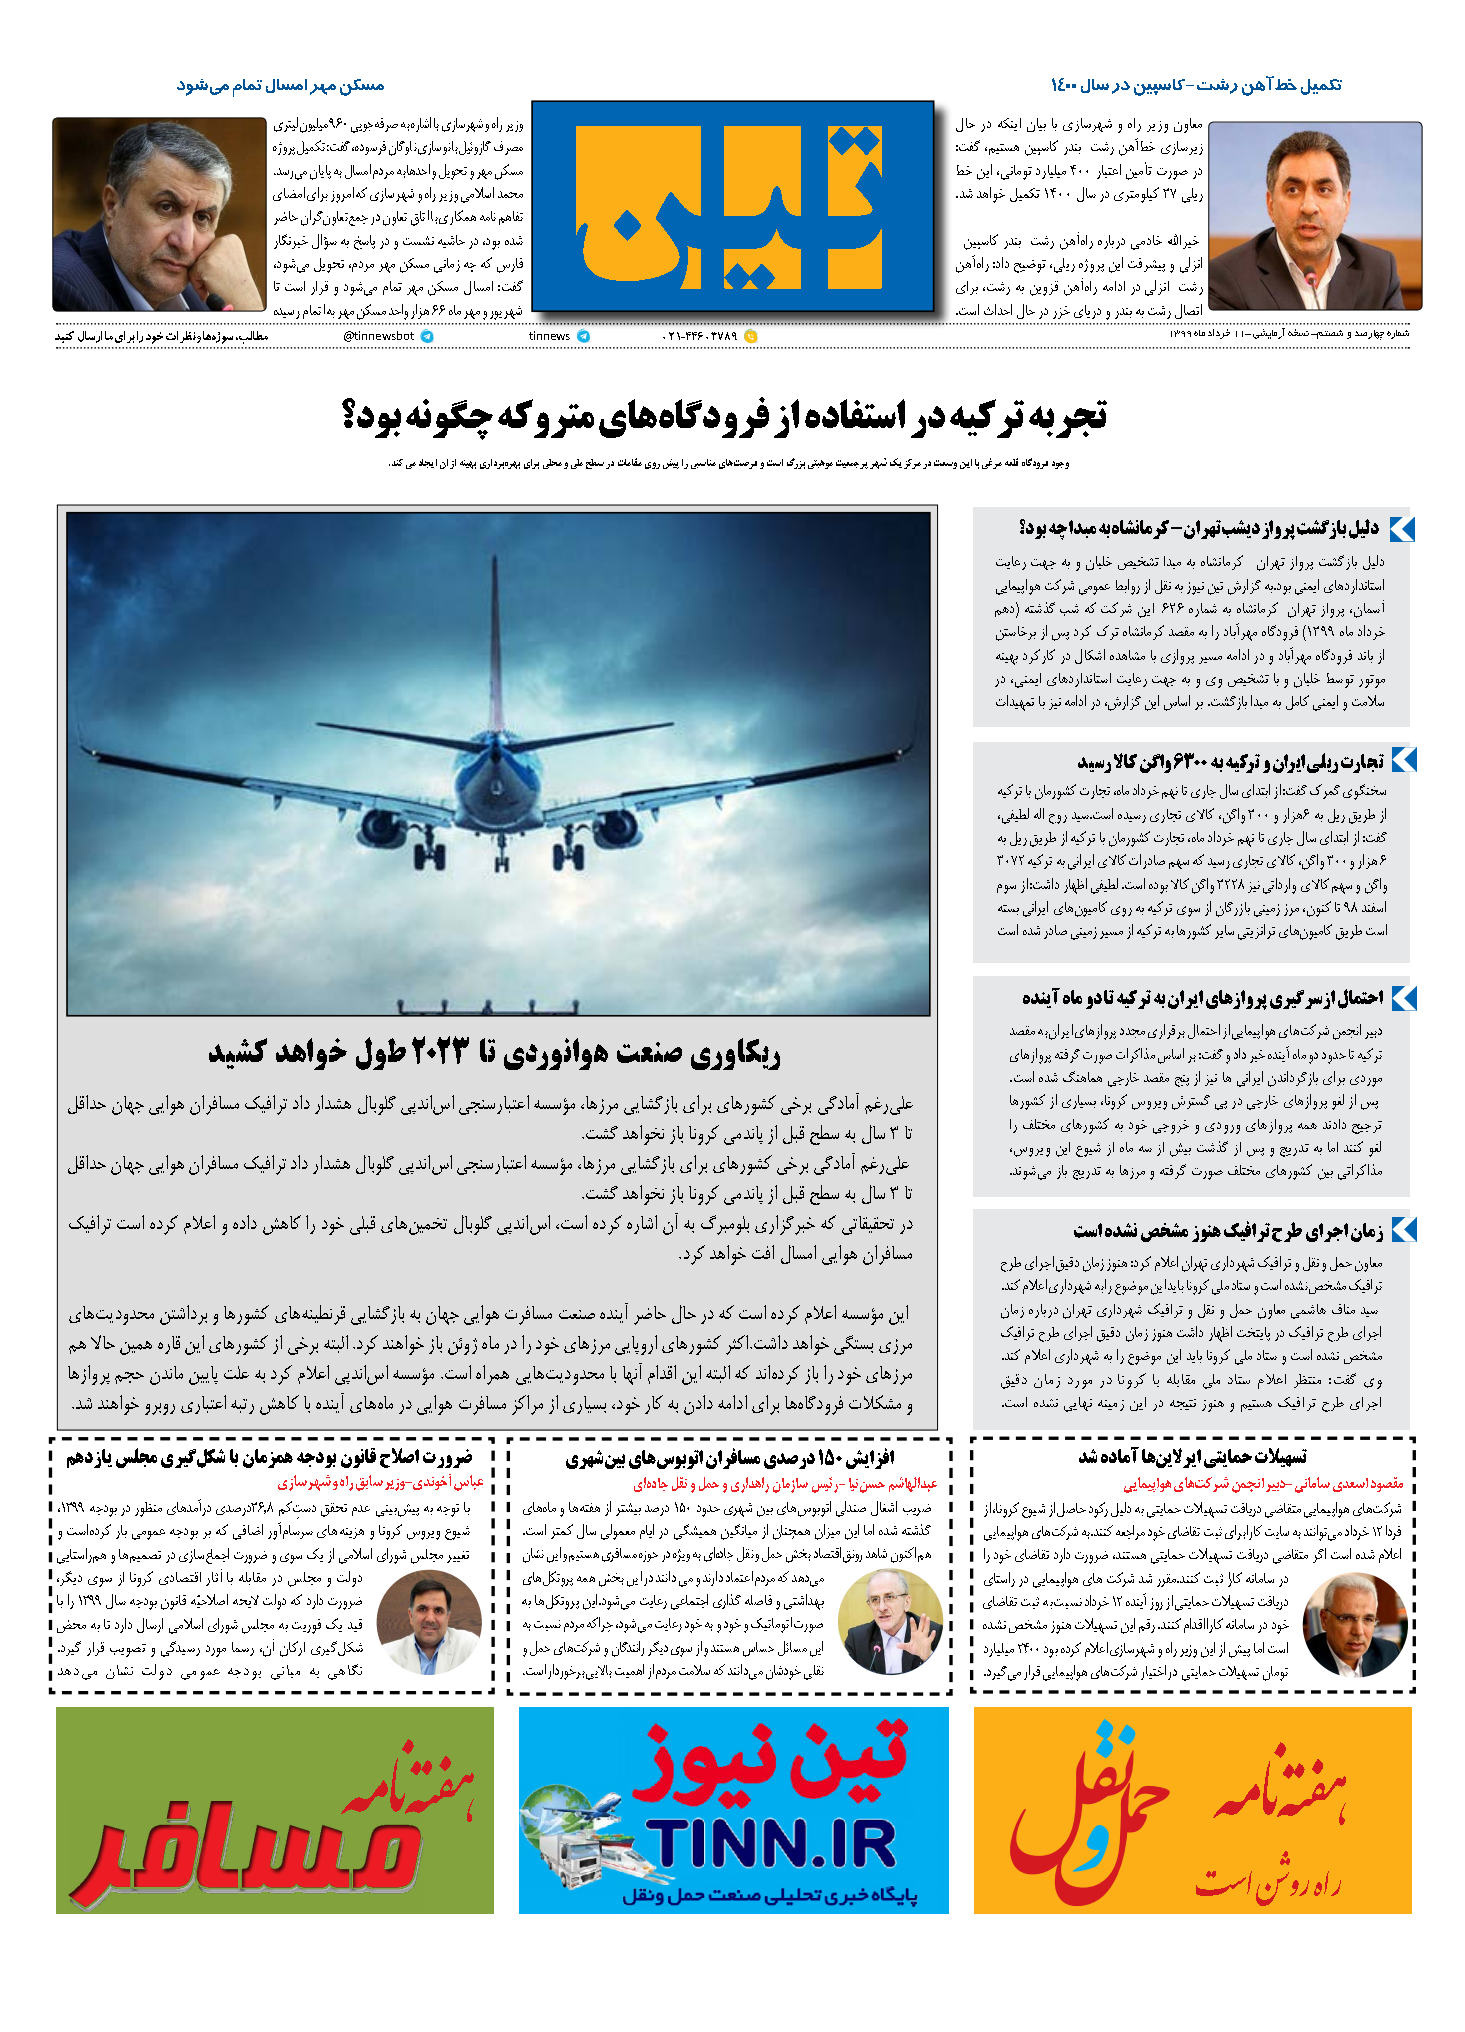 روزنامه الکترونیک 11 خردادماه 99